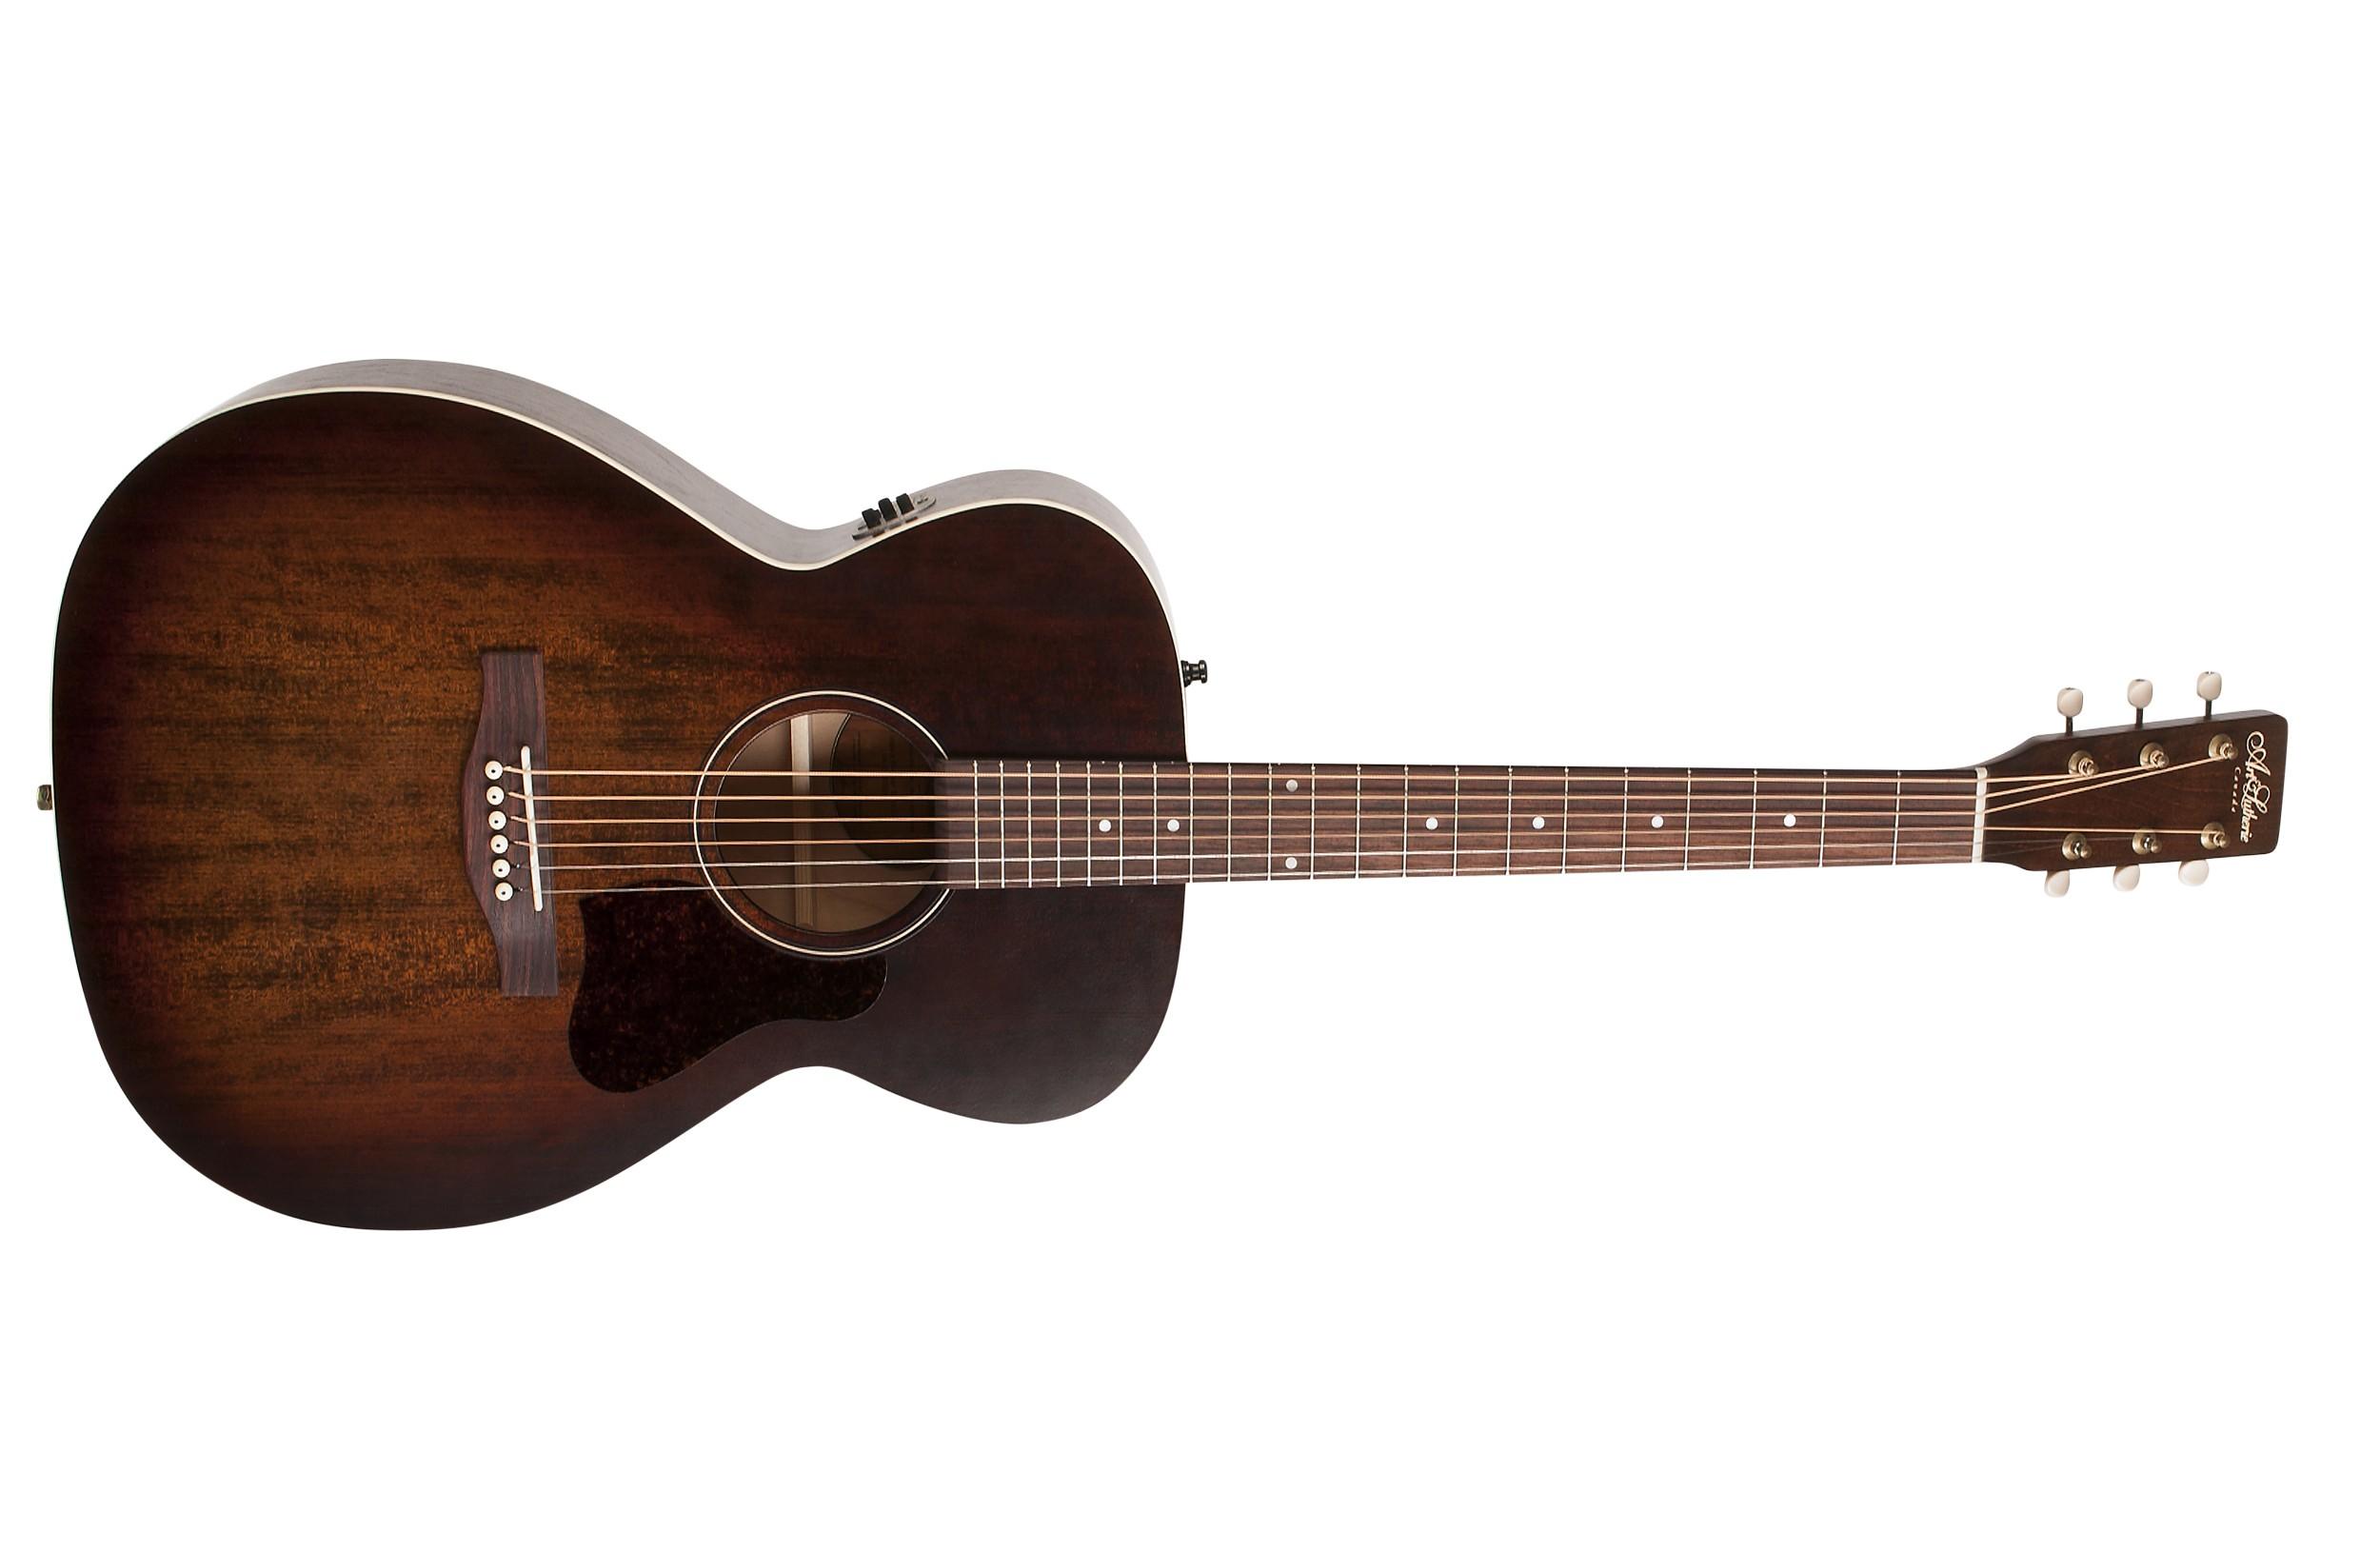 Guitares & Co - GUITARES ACOUSTIQUES - 6 CORDES - ART & LUTHERIE - AL042333 - Royez Musik